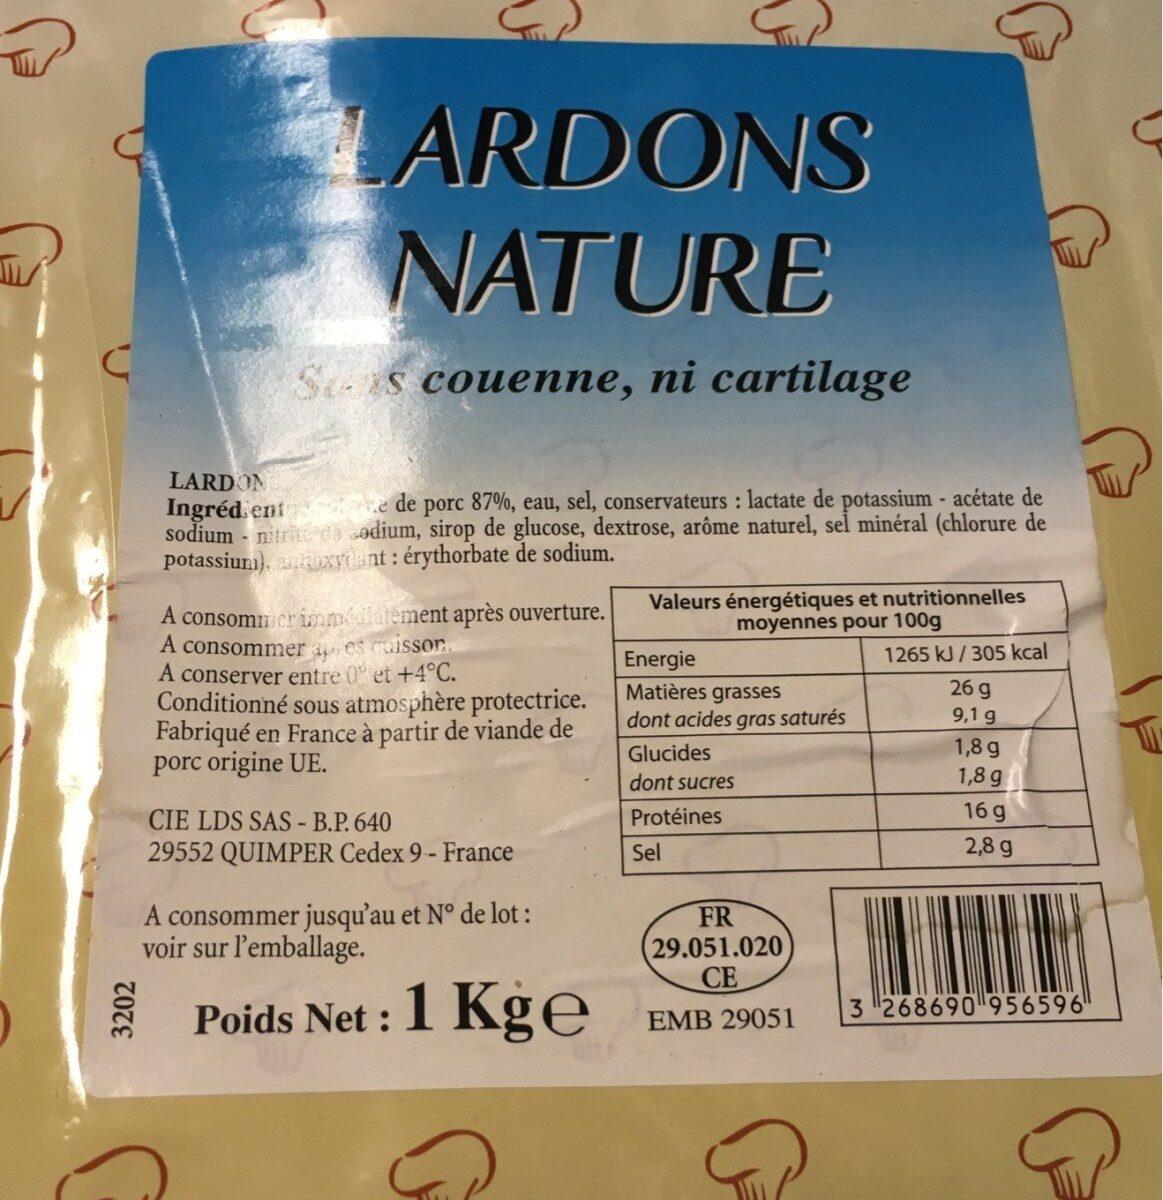 Lardons nature - Product